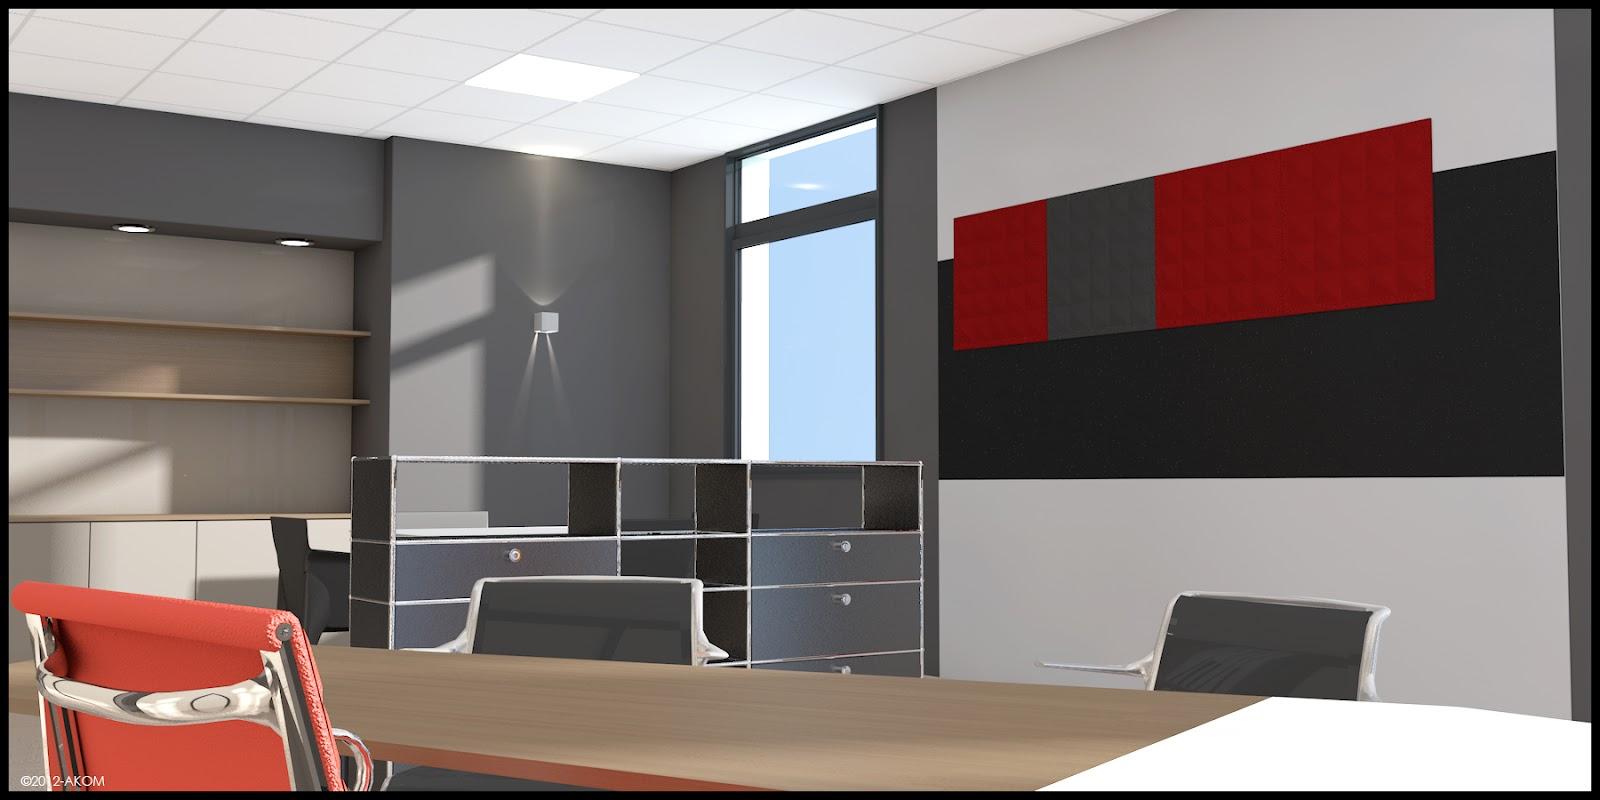 Am nagement 3d bureau dg akom design for Amenagement interieur 3d